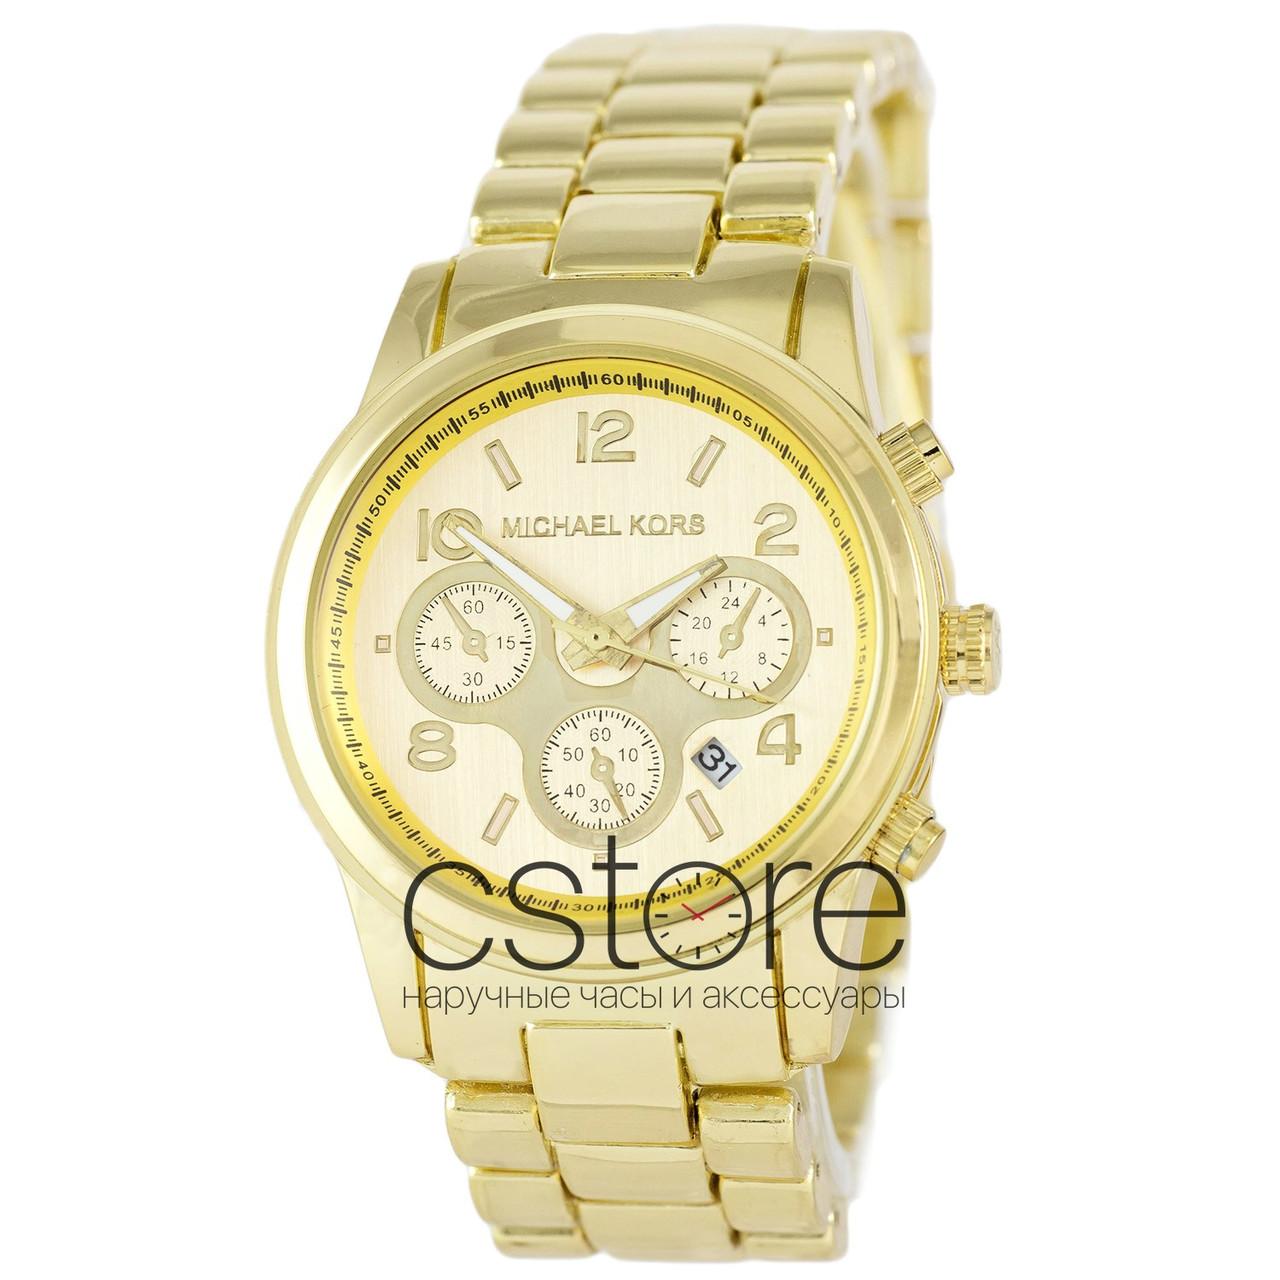 9d9e85f87603 Мужские наручные часы Michael Kors MK-10278 желтое золото с золотистым  циферблатом (22195)